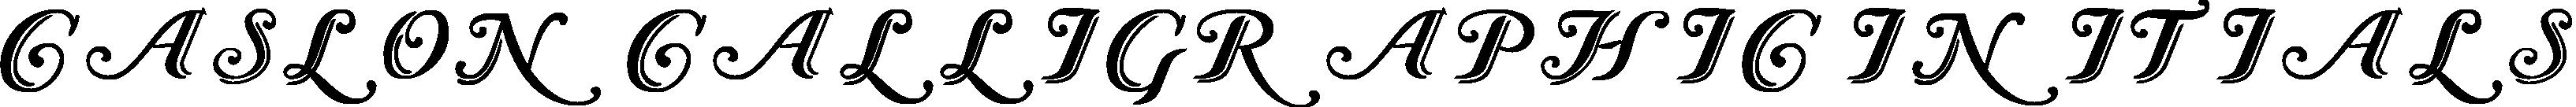 Caslon Calligraphic Initials title image